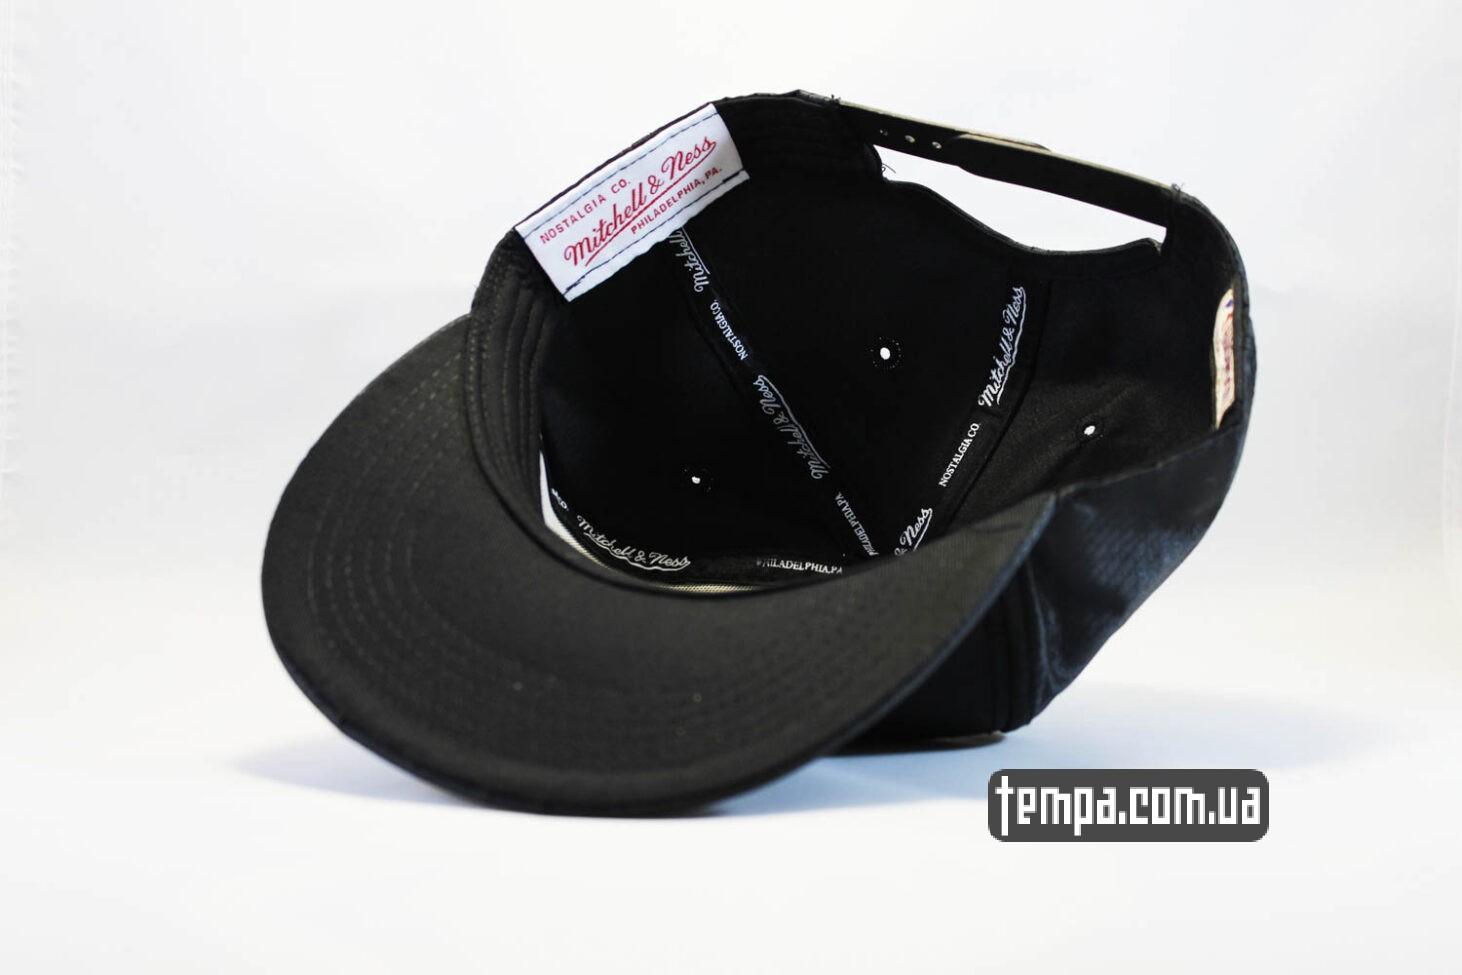 ньюэра одежда купить кепка snapback Chicago Bulls NewEra кажаная черная